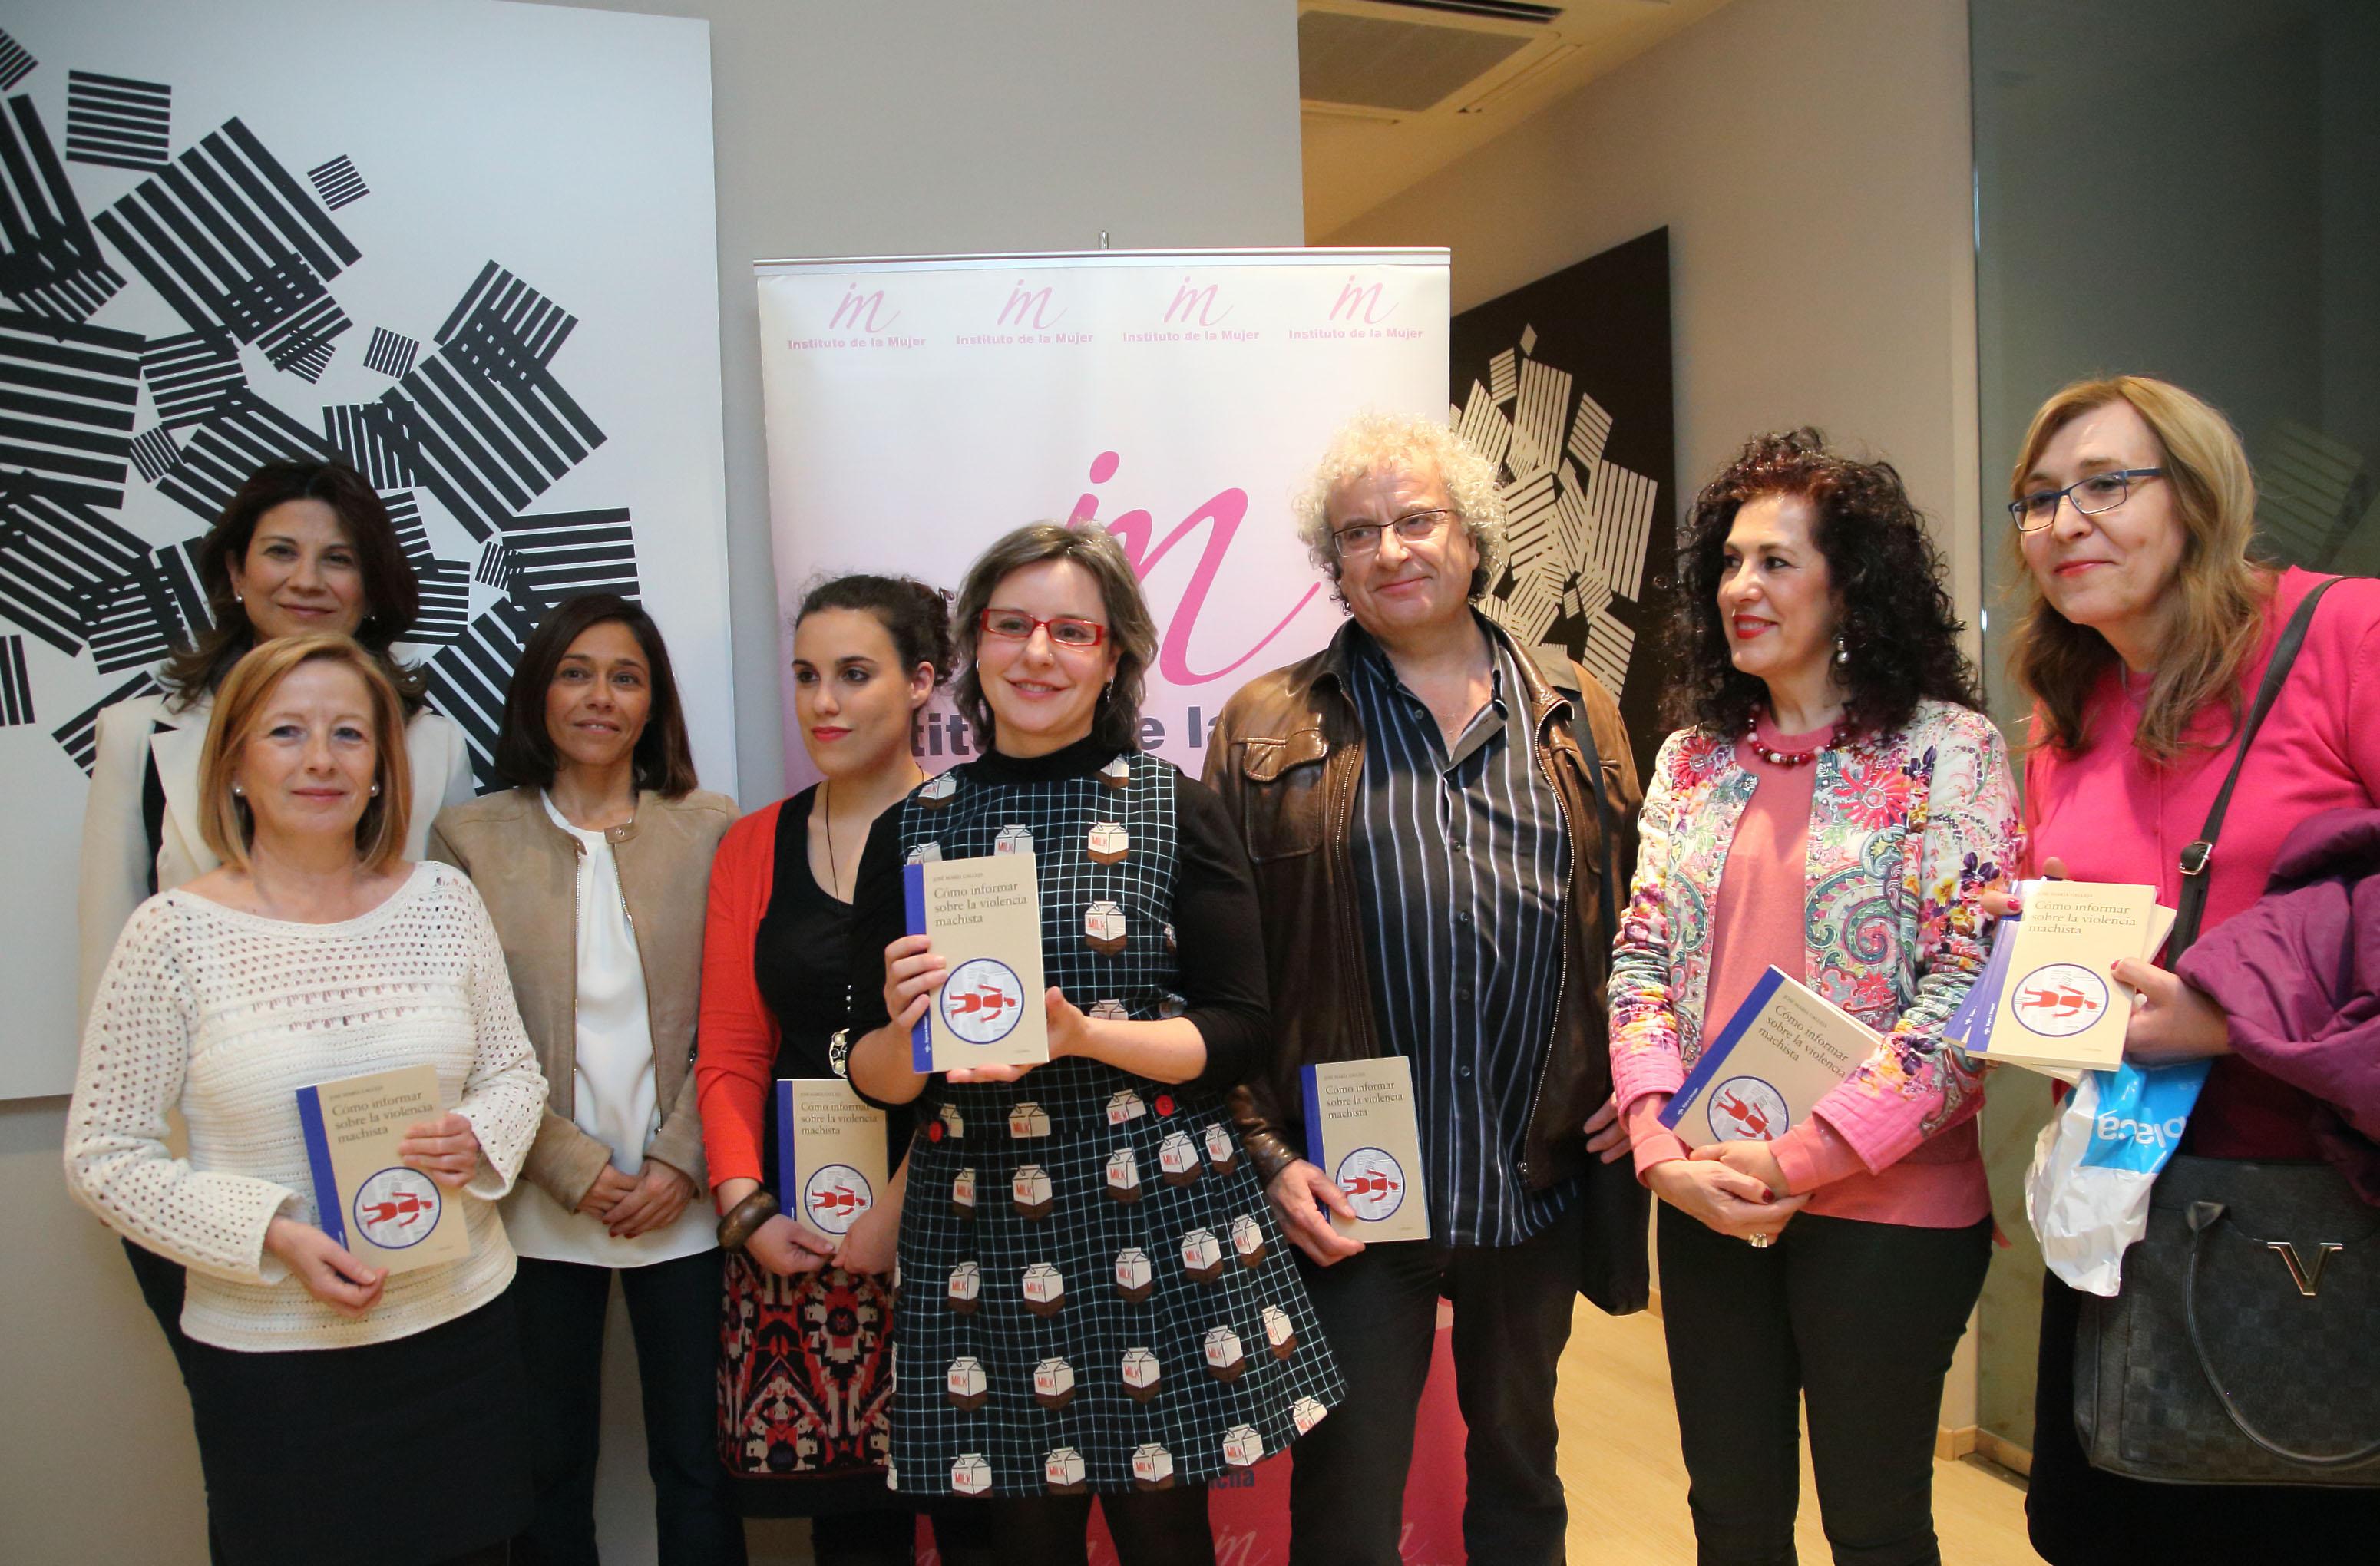 70a9965eb La directora del Instituto de la Mujer de Castilla-La Mancha, Araceli  Martínez, durante la presentación del libro 'Cómo informar sobre violencia  machista'